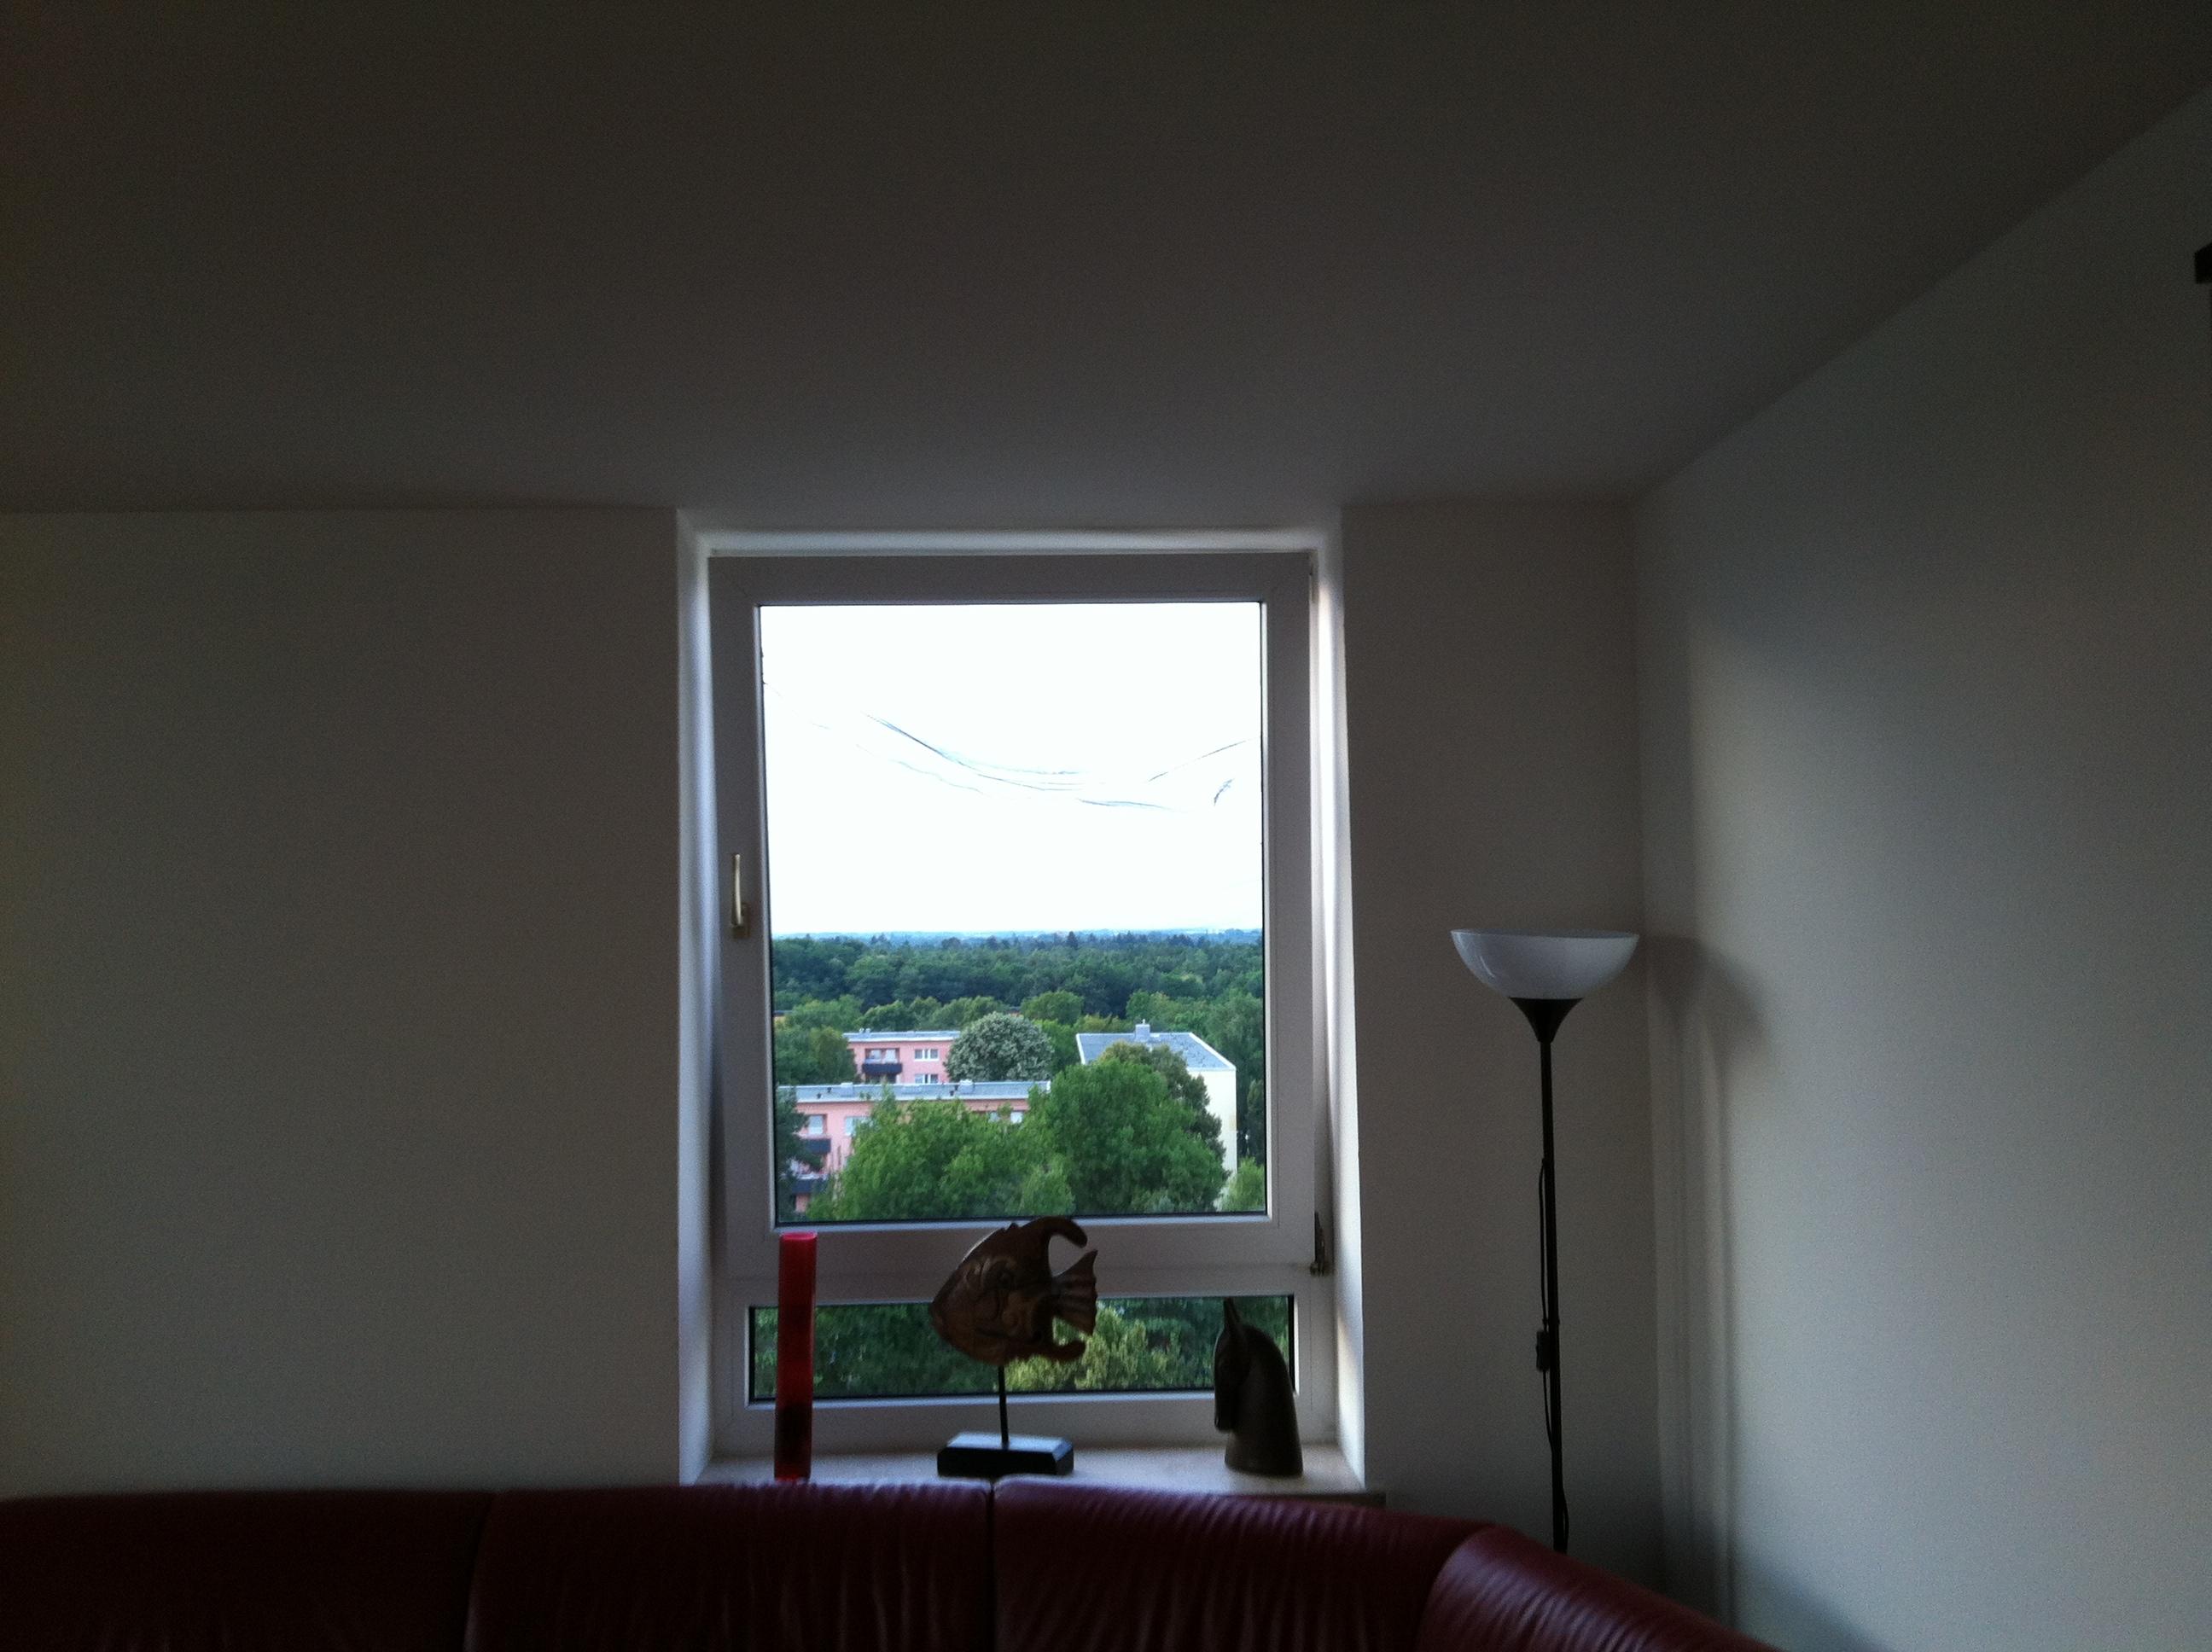 Ideen für vorhänge,gardinen im wohnzimmer (wohnung, einrichtung)